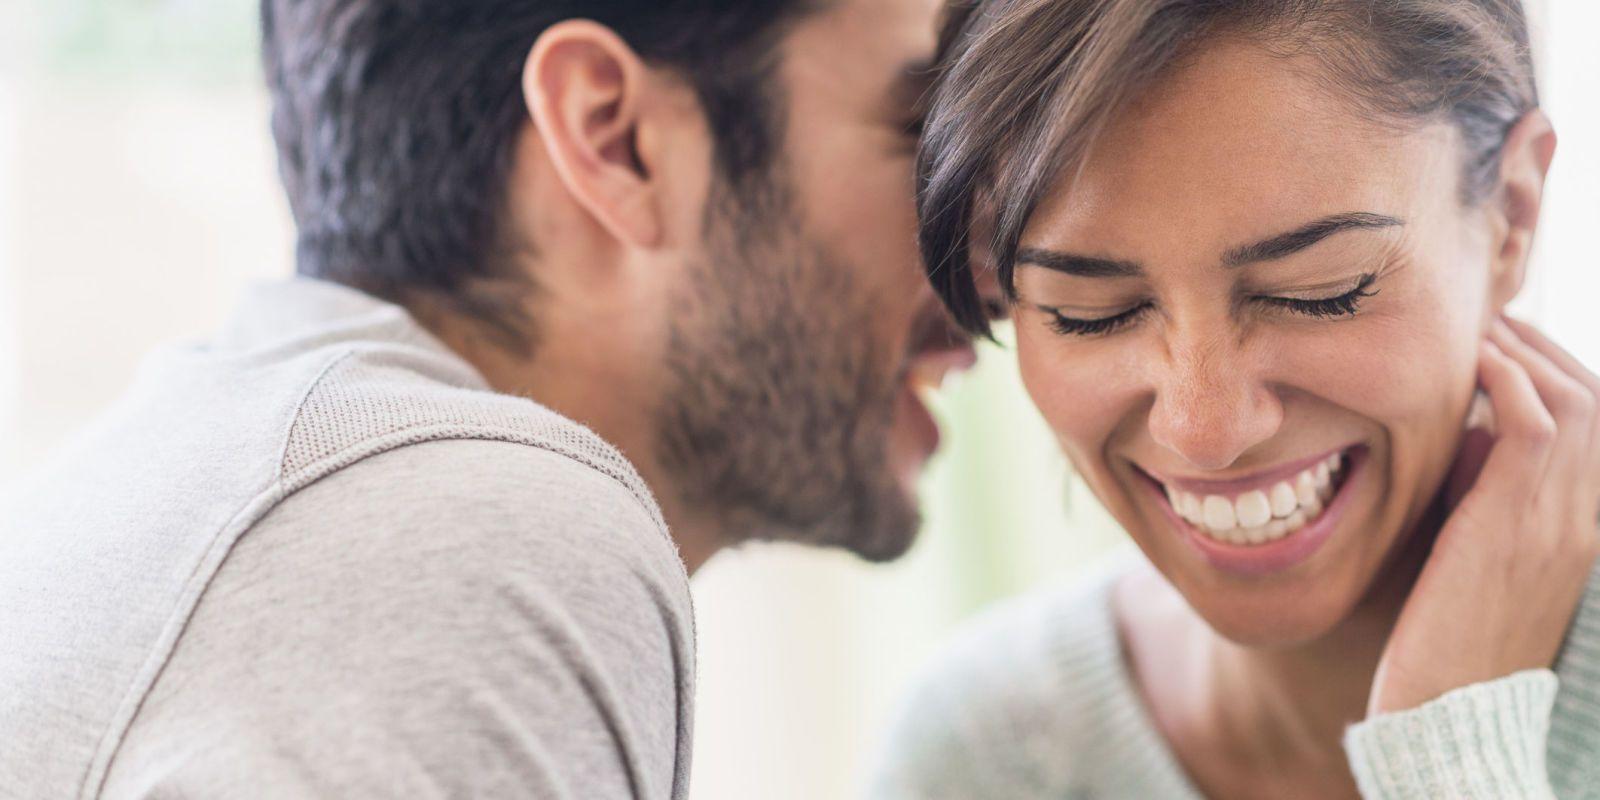 10 Secrets Men Keep from Women